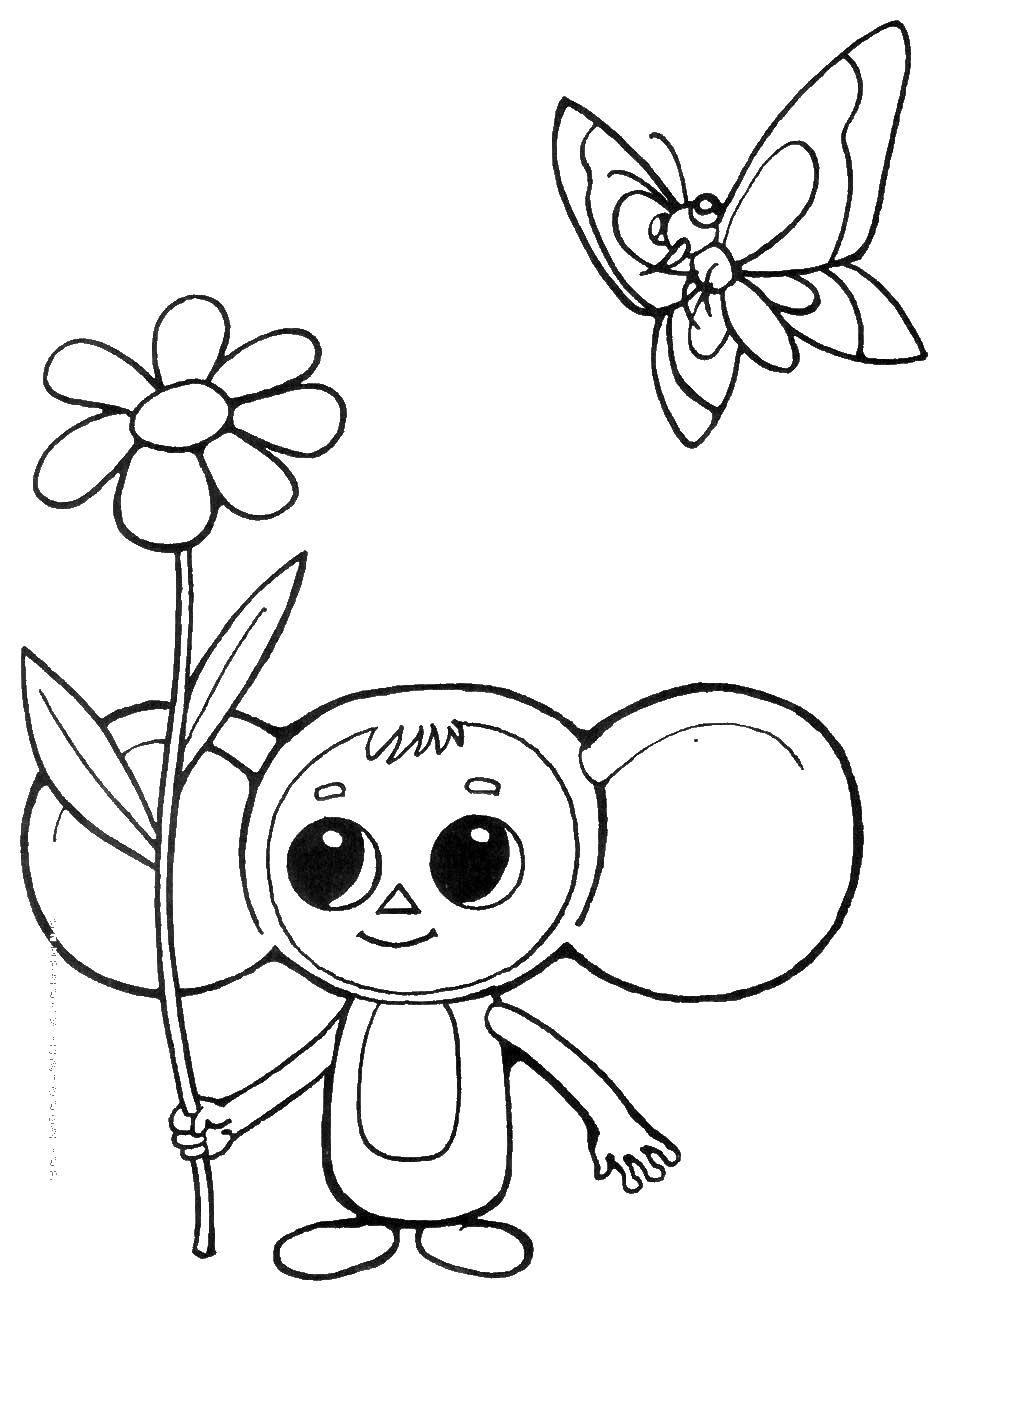 Раскраска Чебурашка с бабочками Скачать чебурашка, Гена.  Распечатать ,чебурашка,